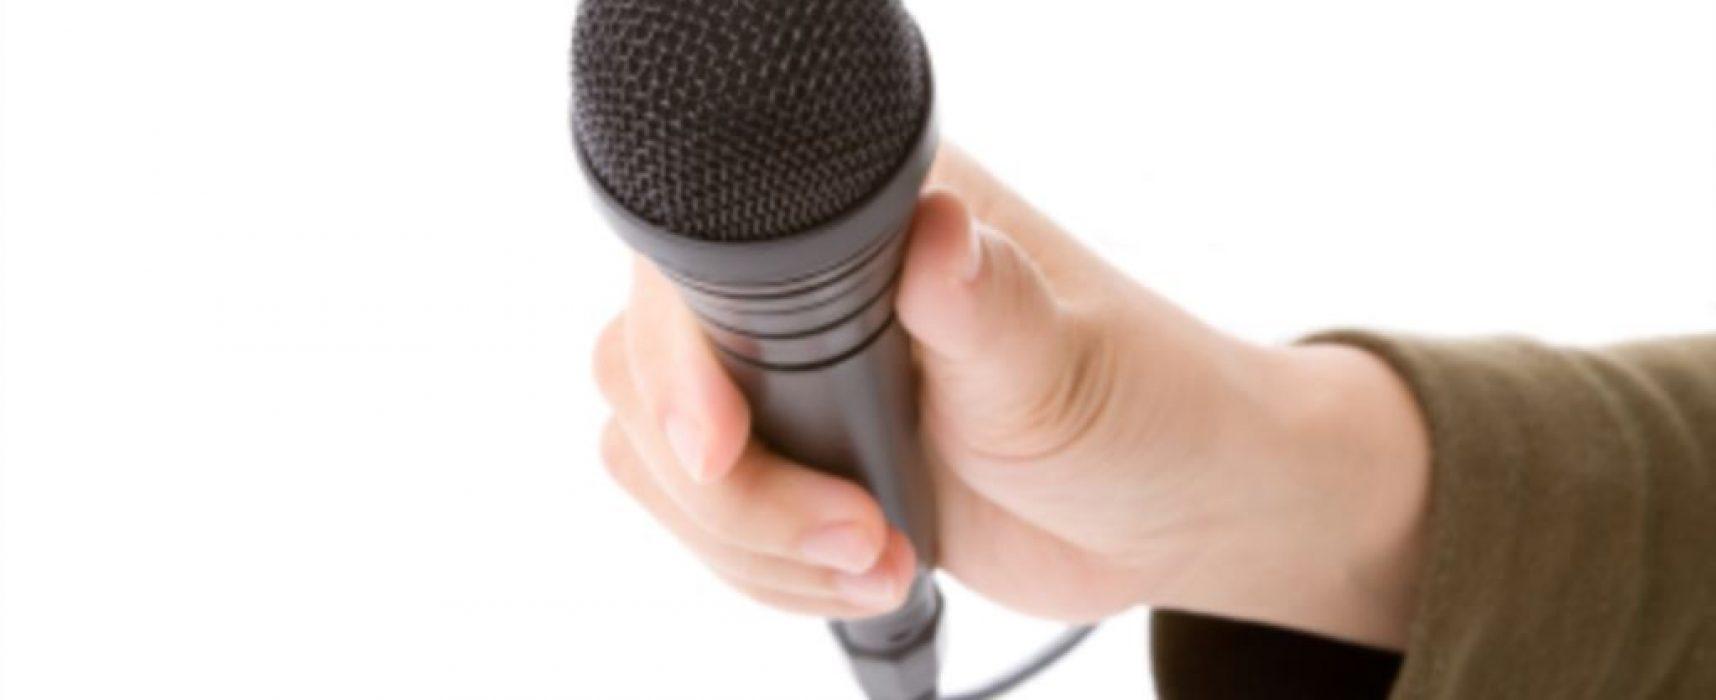 «Чтобы не взболтнули лишнего»: в Севастополе чиновникам запретили общаться со СМИ напрямую